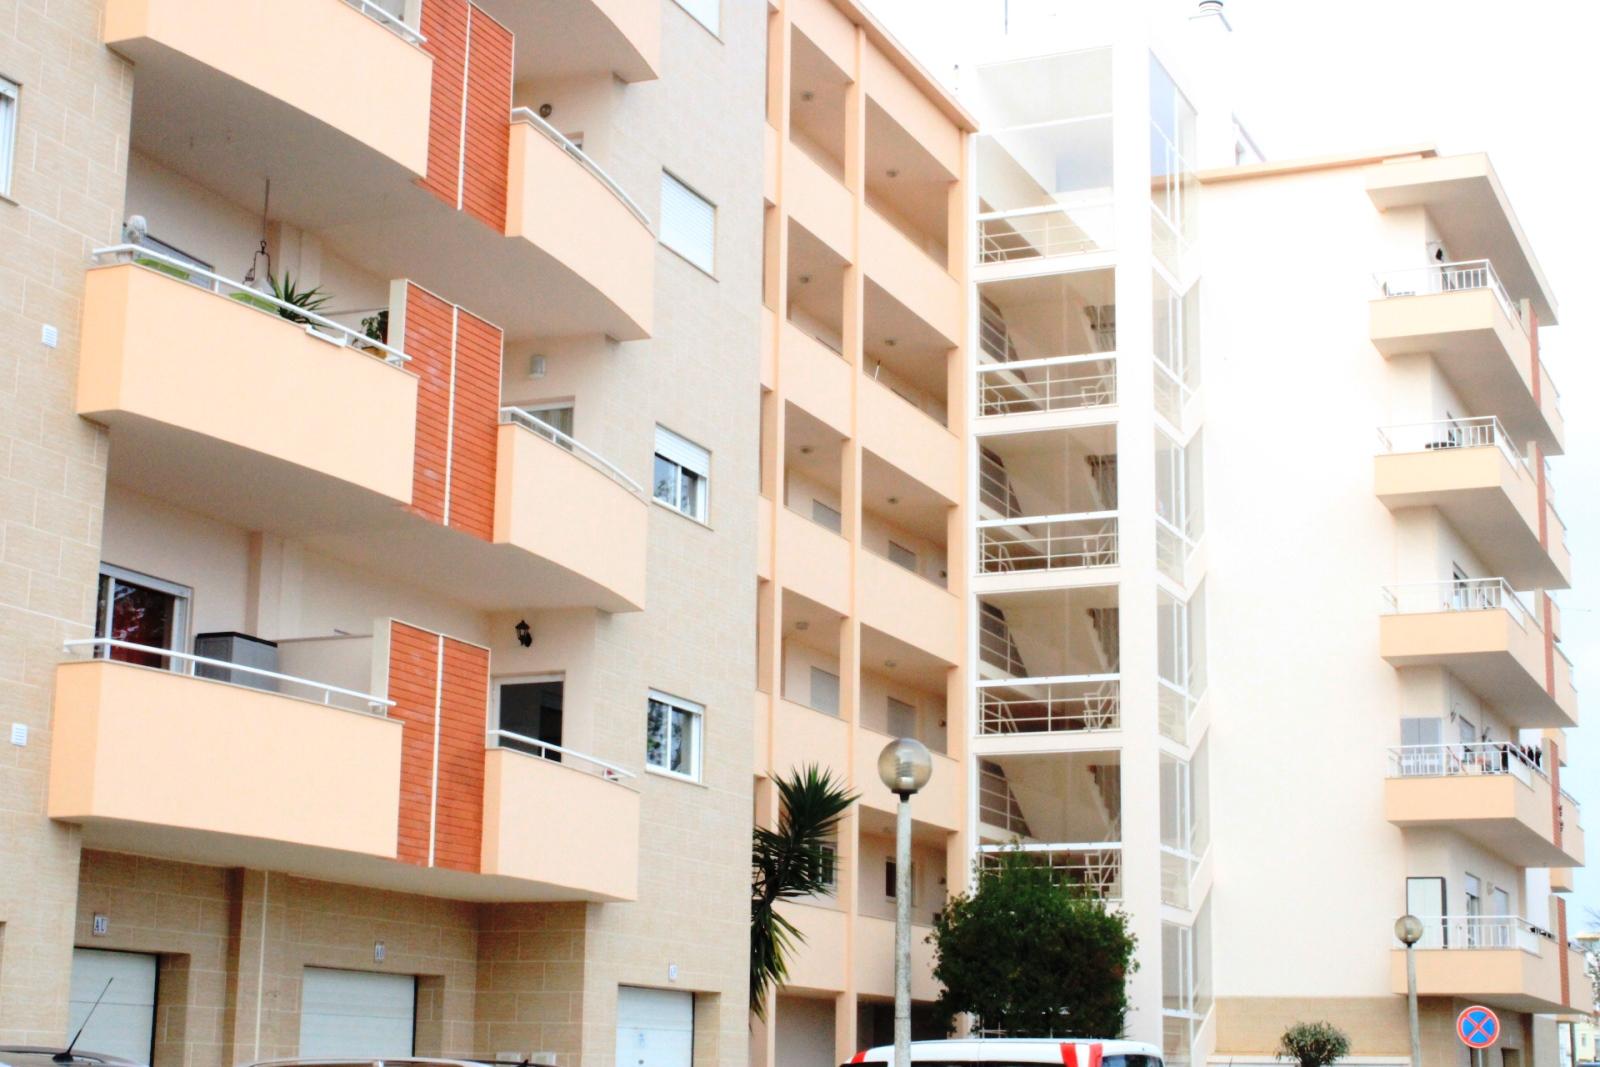 2 Bedroom Apartment Lagos, Western Algarve Ref: GA402